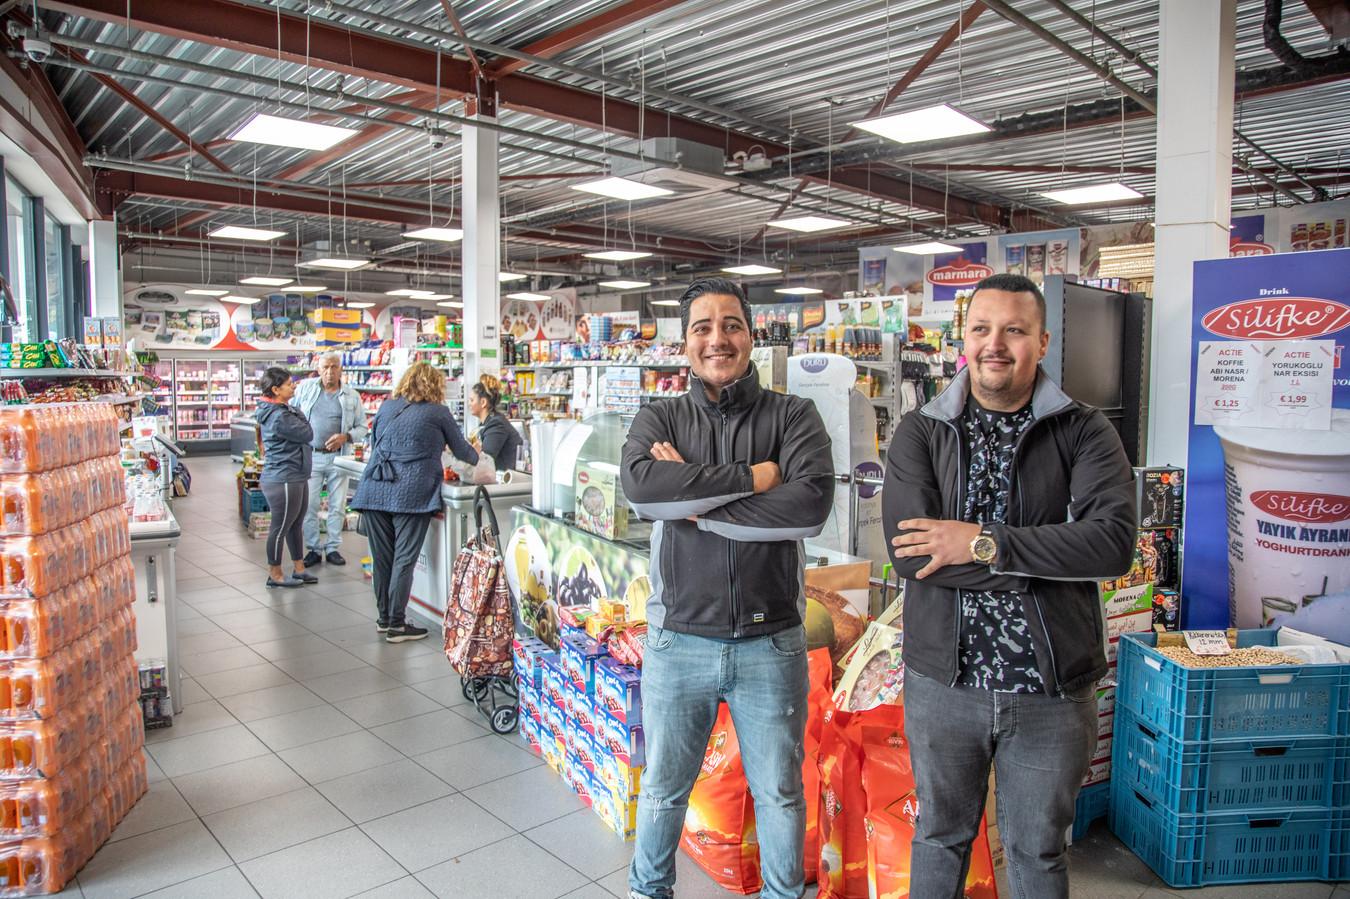 De gebroeders Erem gaan hun internationale supermarkt flink uitbreiden.